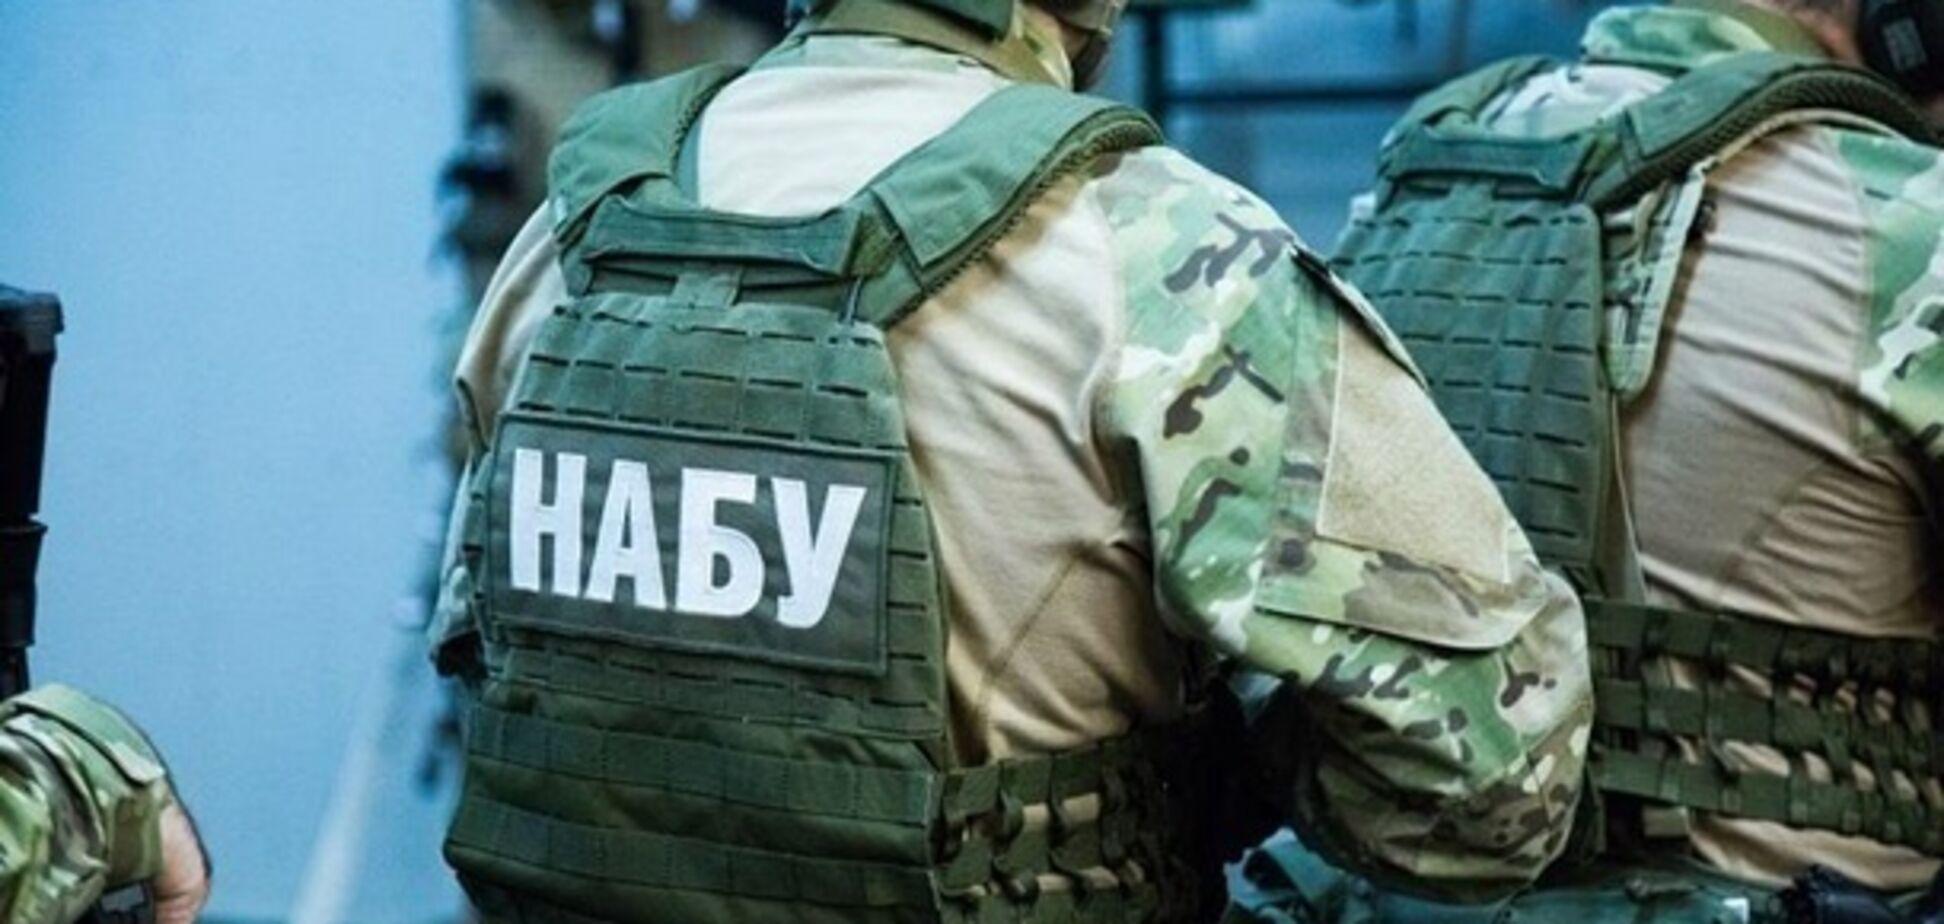 Конфлікт біля САП: Генпрокуратура викликала двох співробітників НАБУ